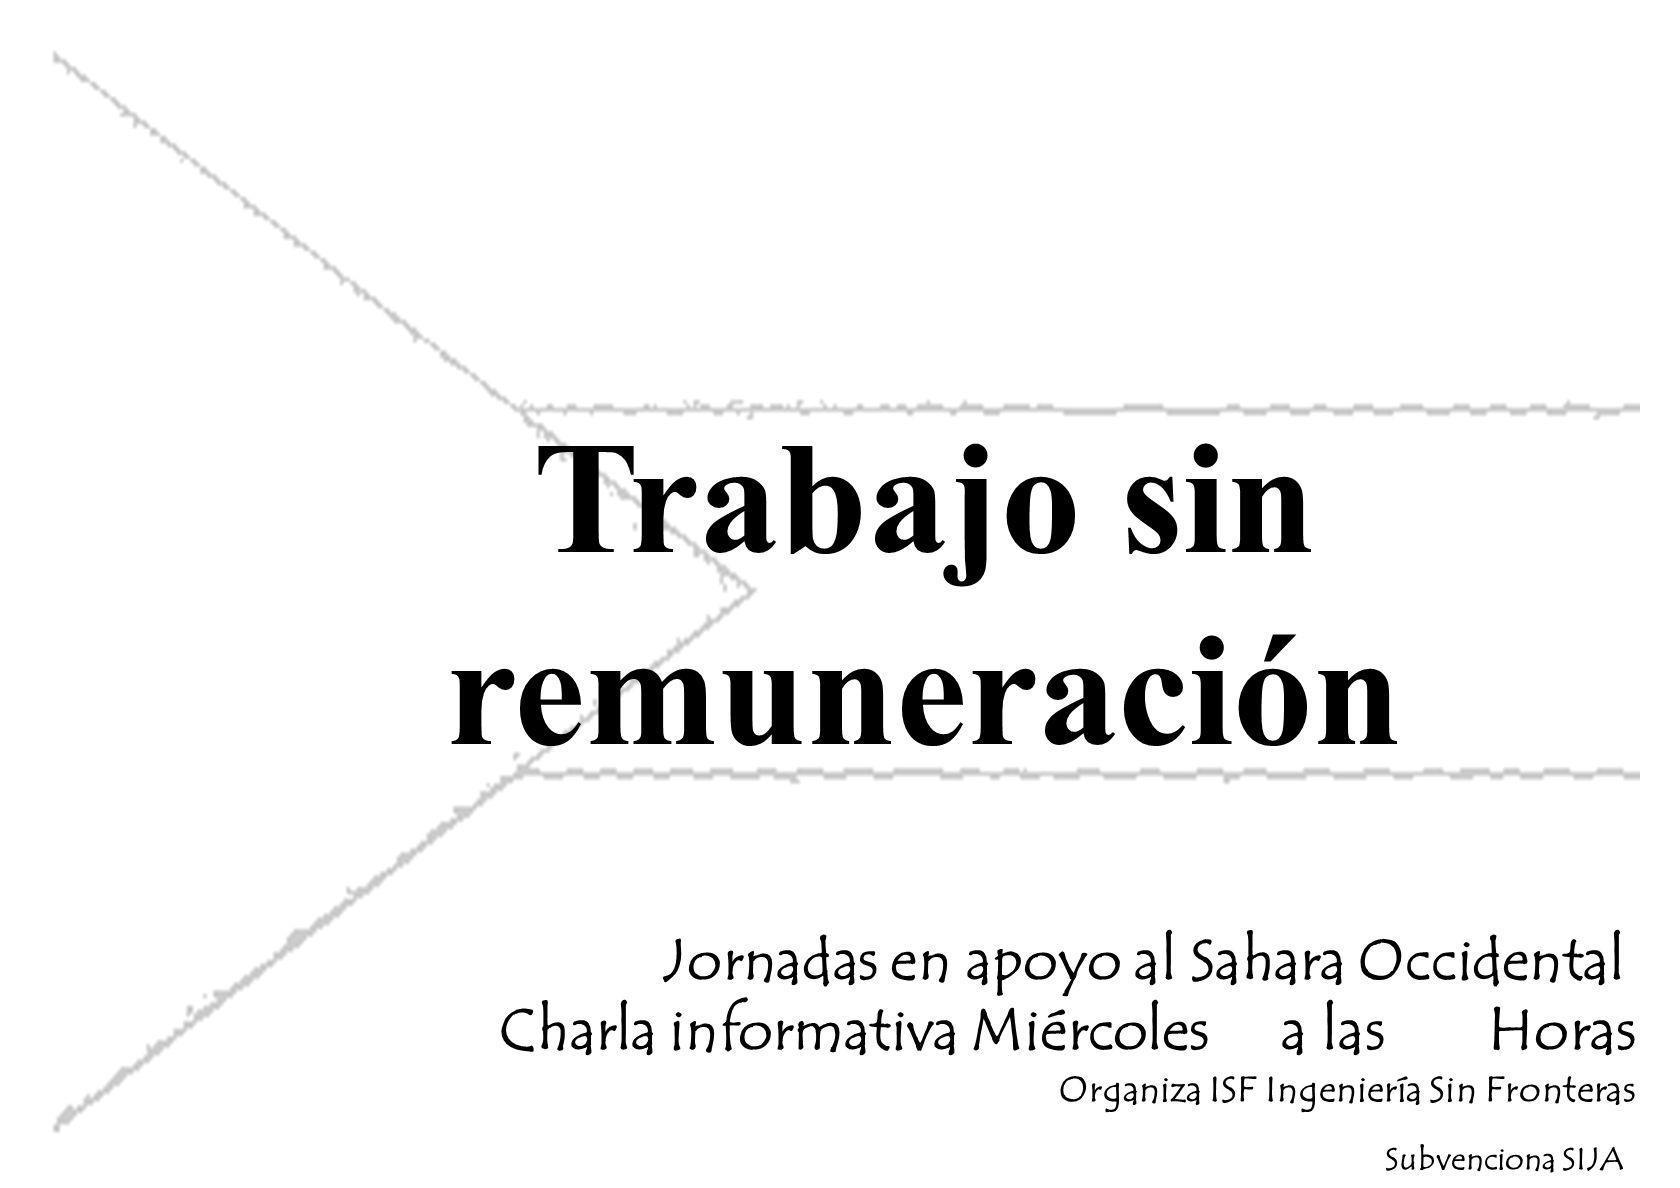 Trabajo sin remuneración Jornadas en apoyo al Sahara Occidental Charla informativa Miércoles a las Horas Organiza ISF Ingeniería Sin Fronteras Subvenciona SIJA